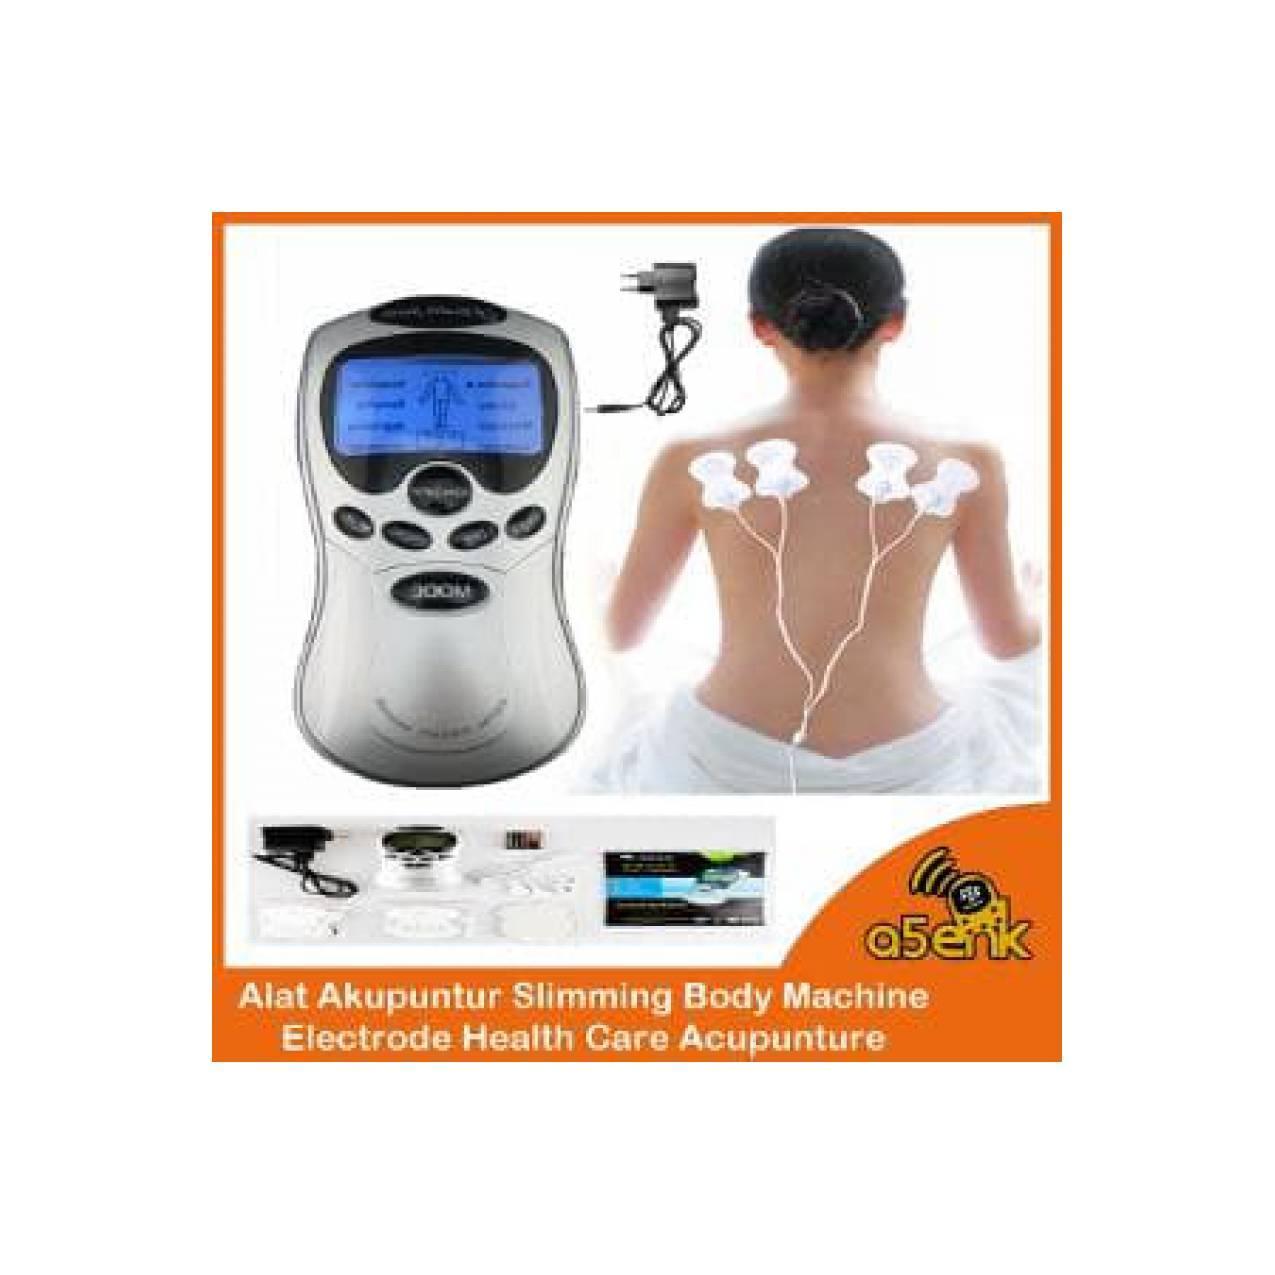 Digital Elektronik Mesin Fisioterapi Terapi Akupuntur Pijat Pulsa Source · Alat Akupuntur Electrode Health Care Acupunture